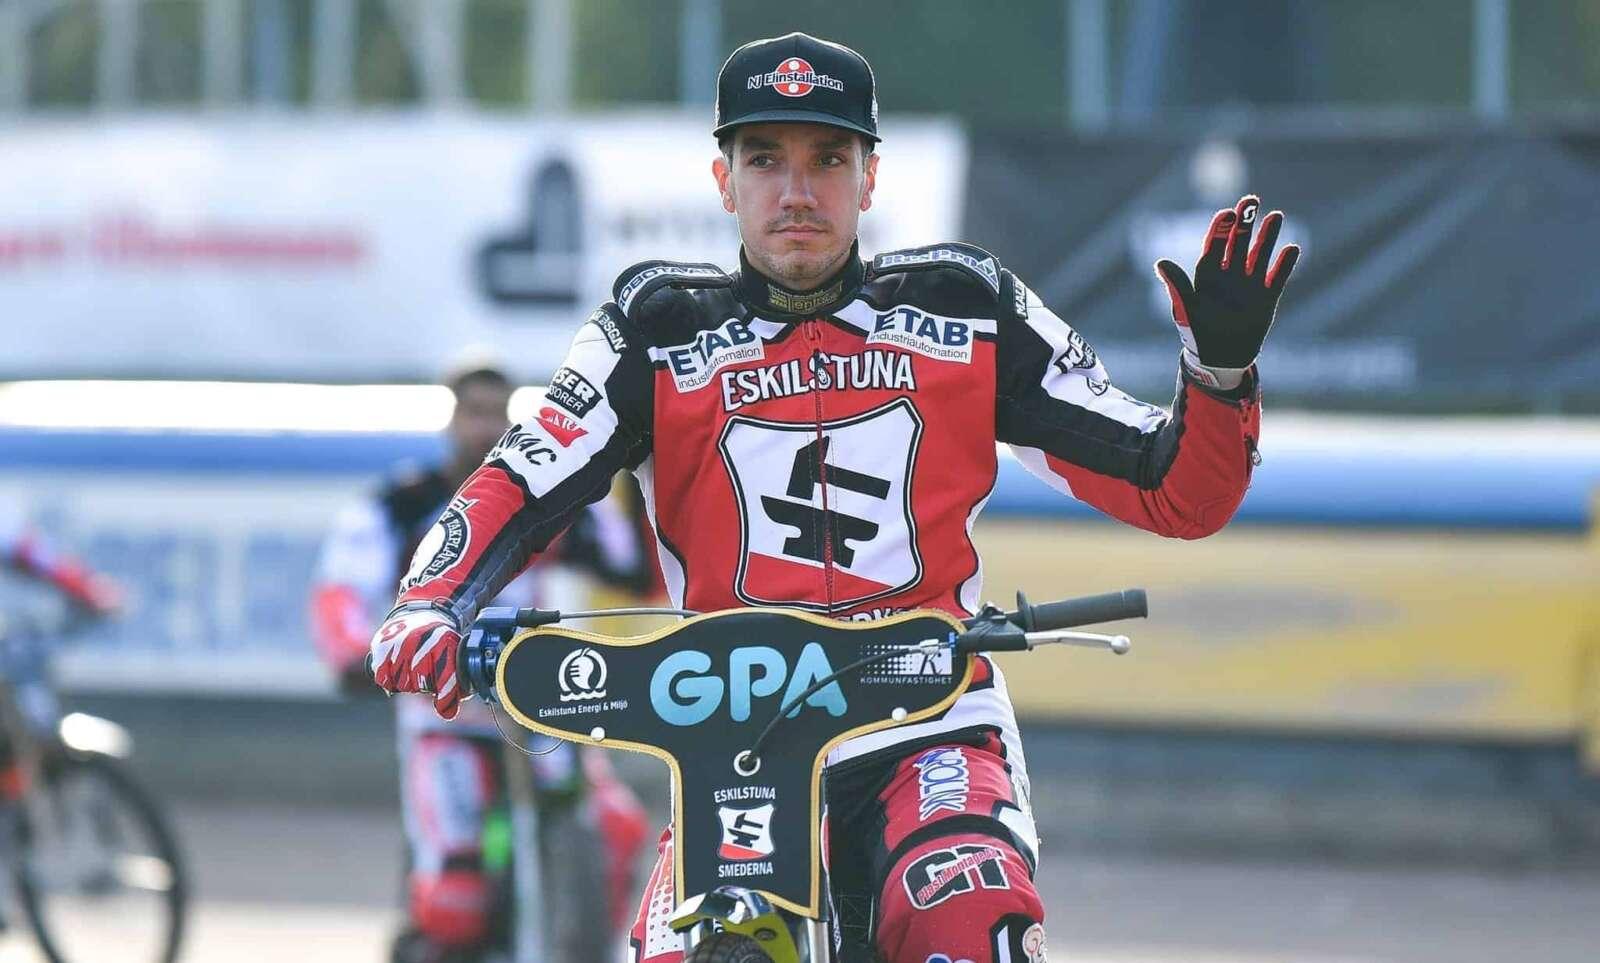 Marek Cieślak